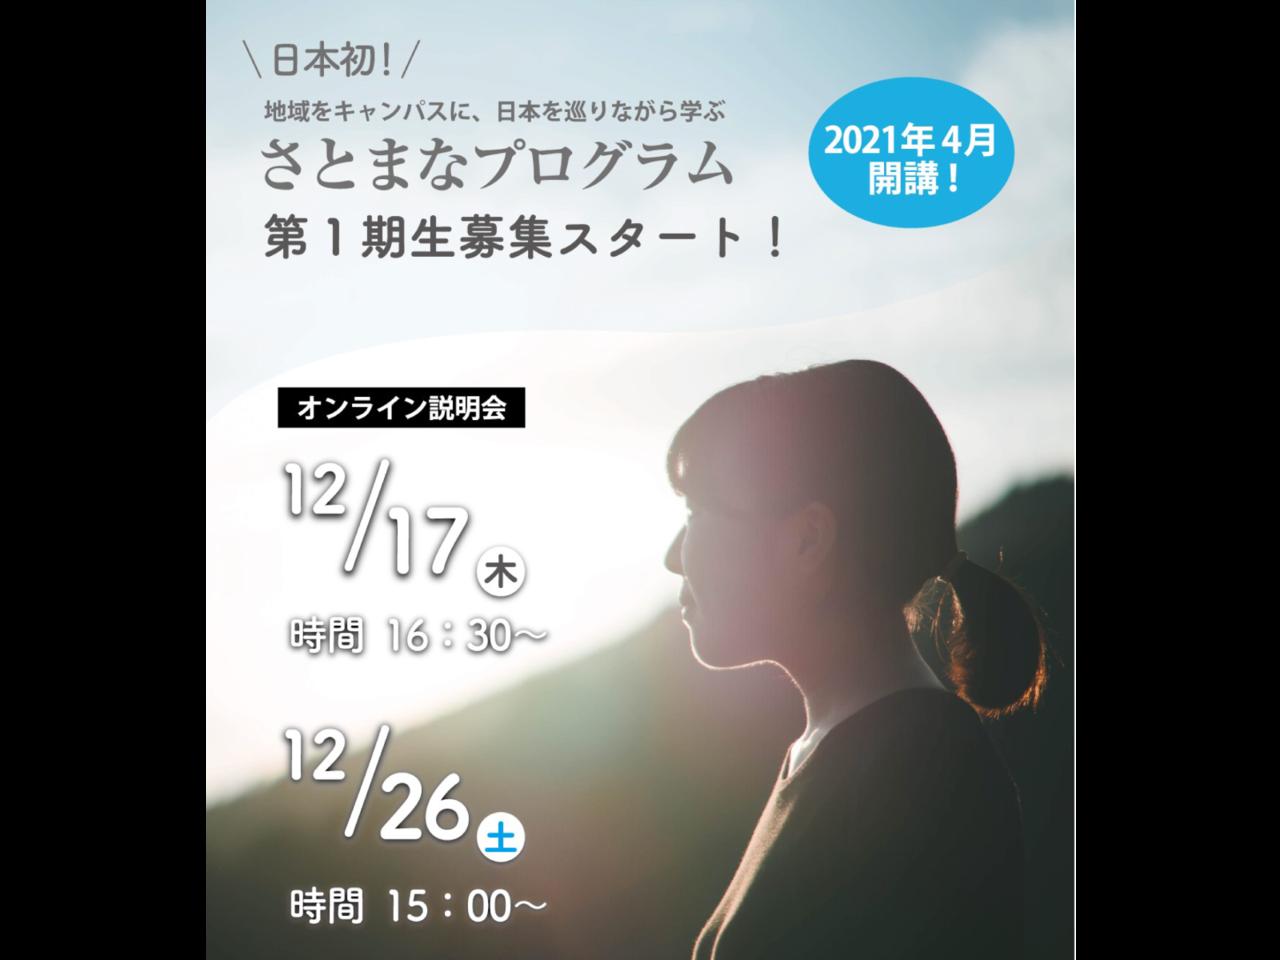 日本初!地域をキャンパスに、日本を巡りながら学ぶ。「さとまなプログラム」を始動します!